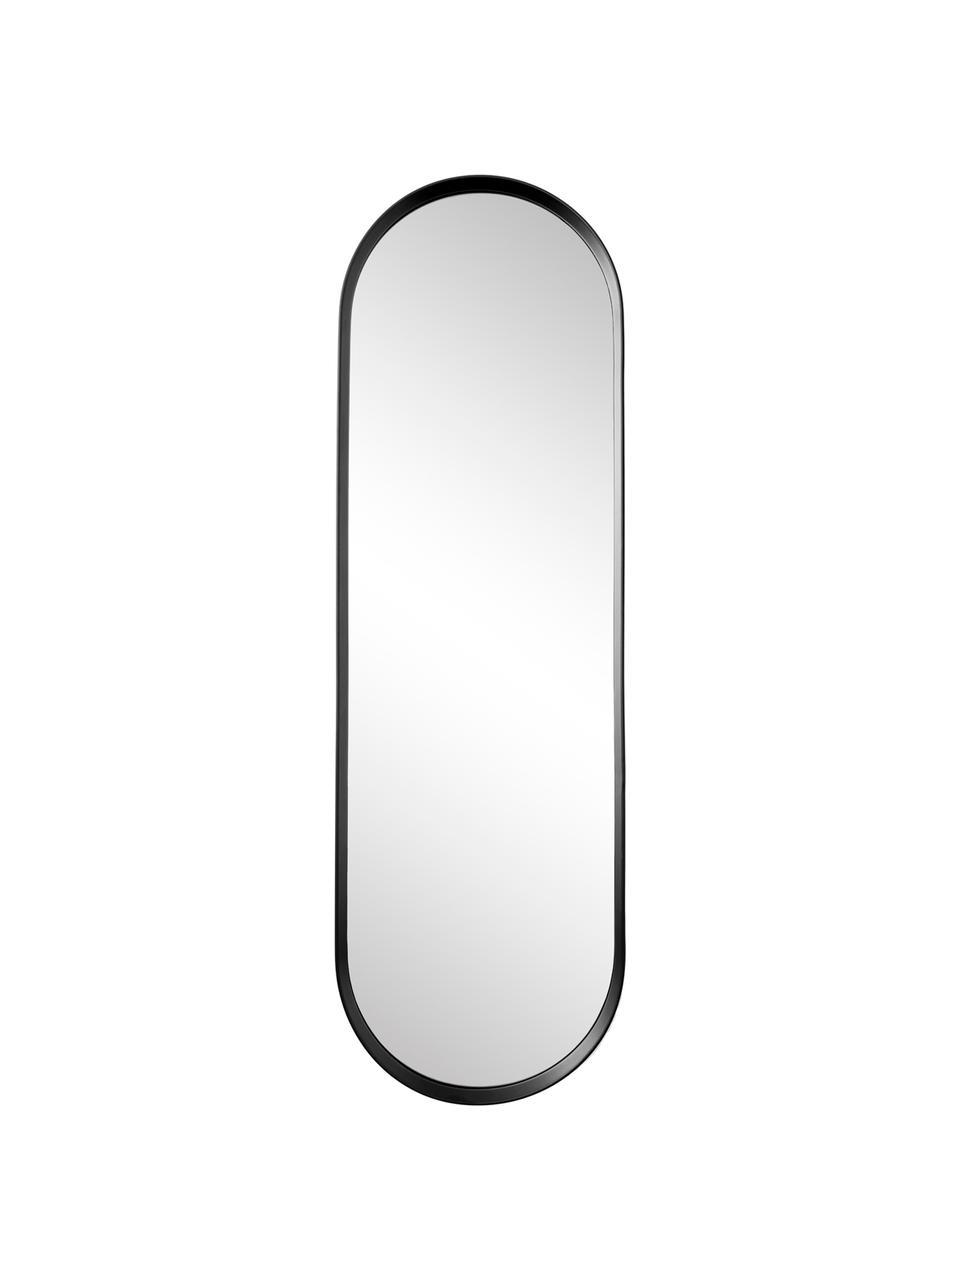 Specchio da parete ovale Norm, Cornice: alluminio verniciato a po, Superficie dello specchio: lastra di vetro, Nero, Larg. 40 x Alt. 130 cm